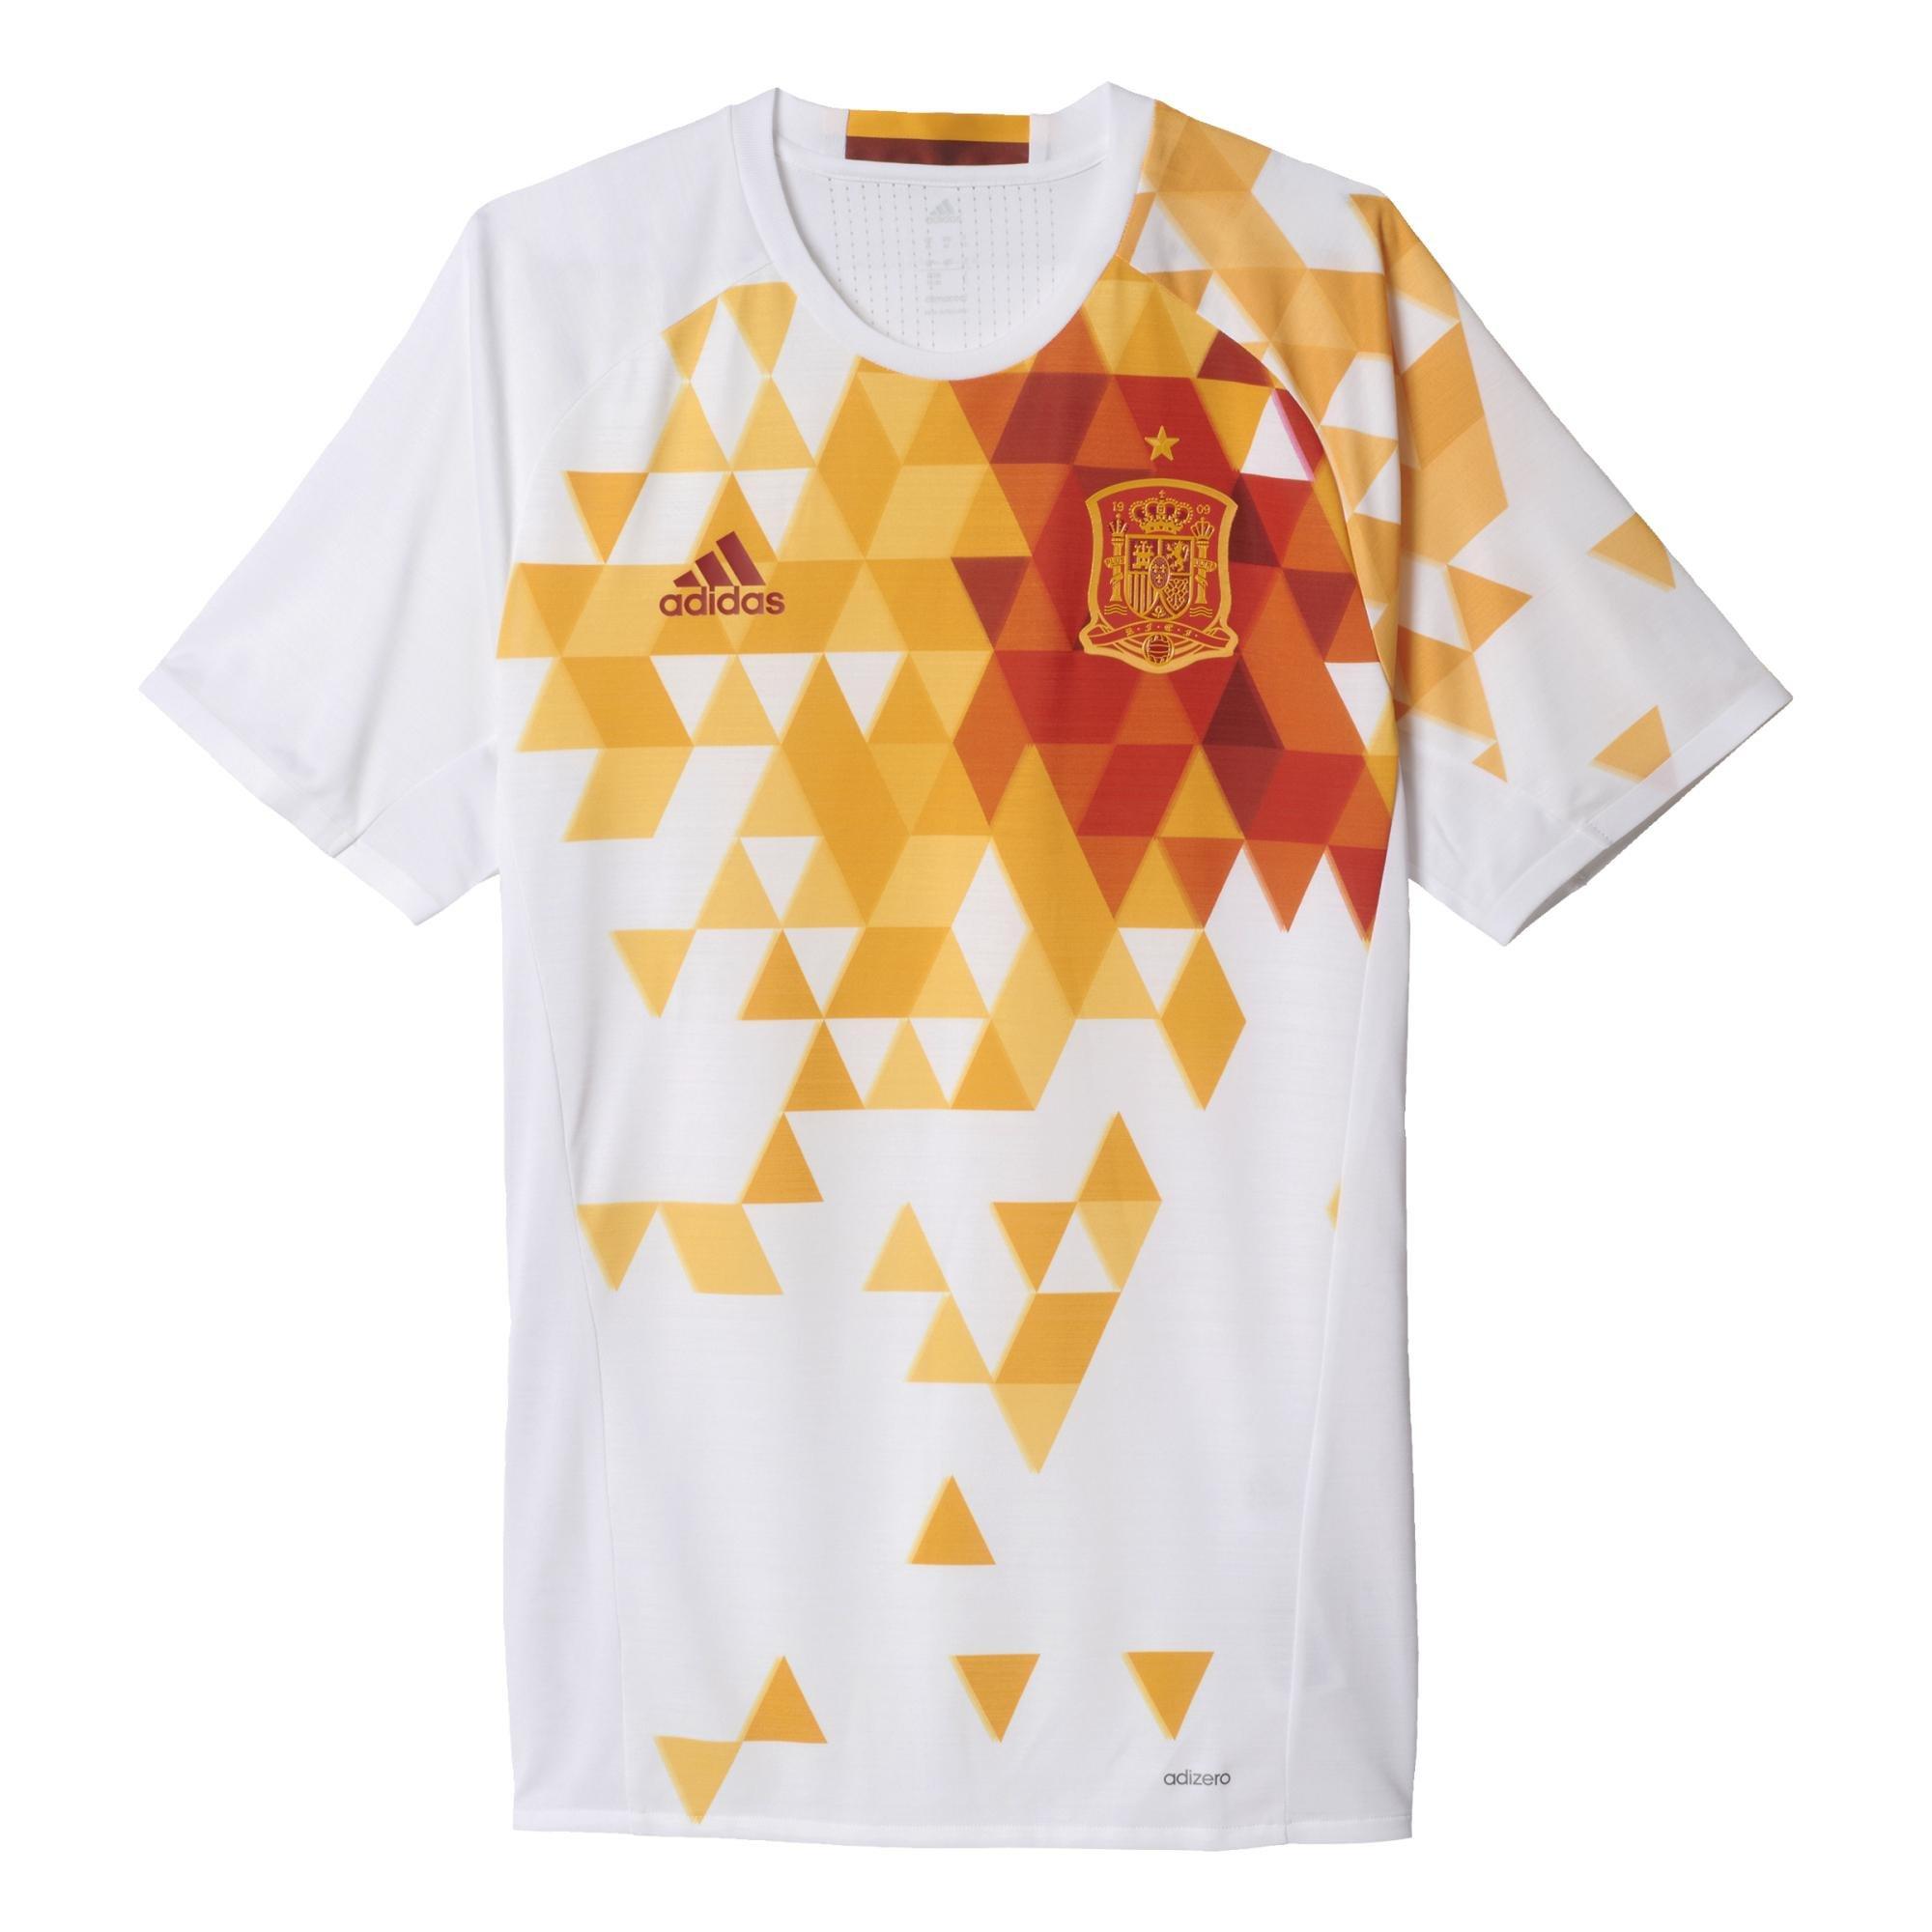 Adidas - Camiseta segunda equipación España UEFA EURO 2016 Authentic, color blanco/ rojo/